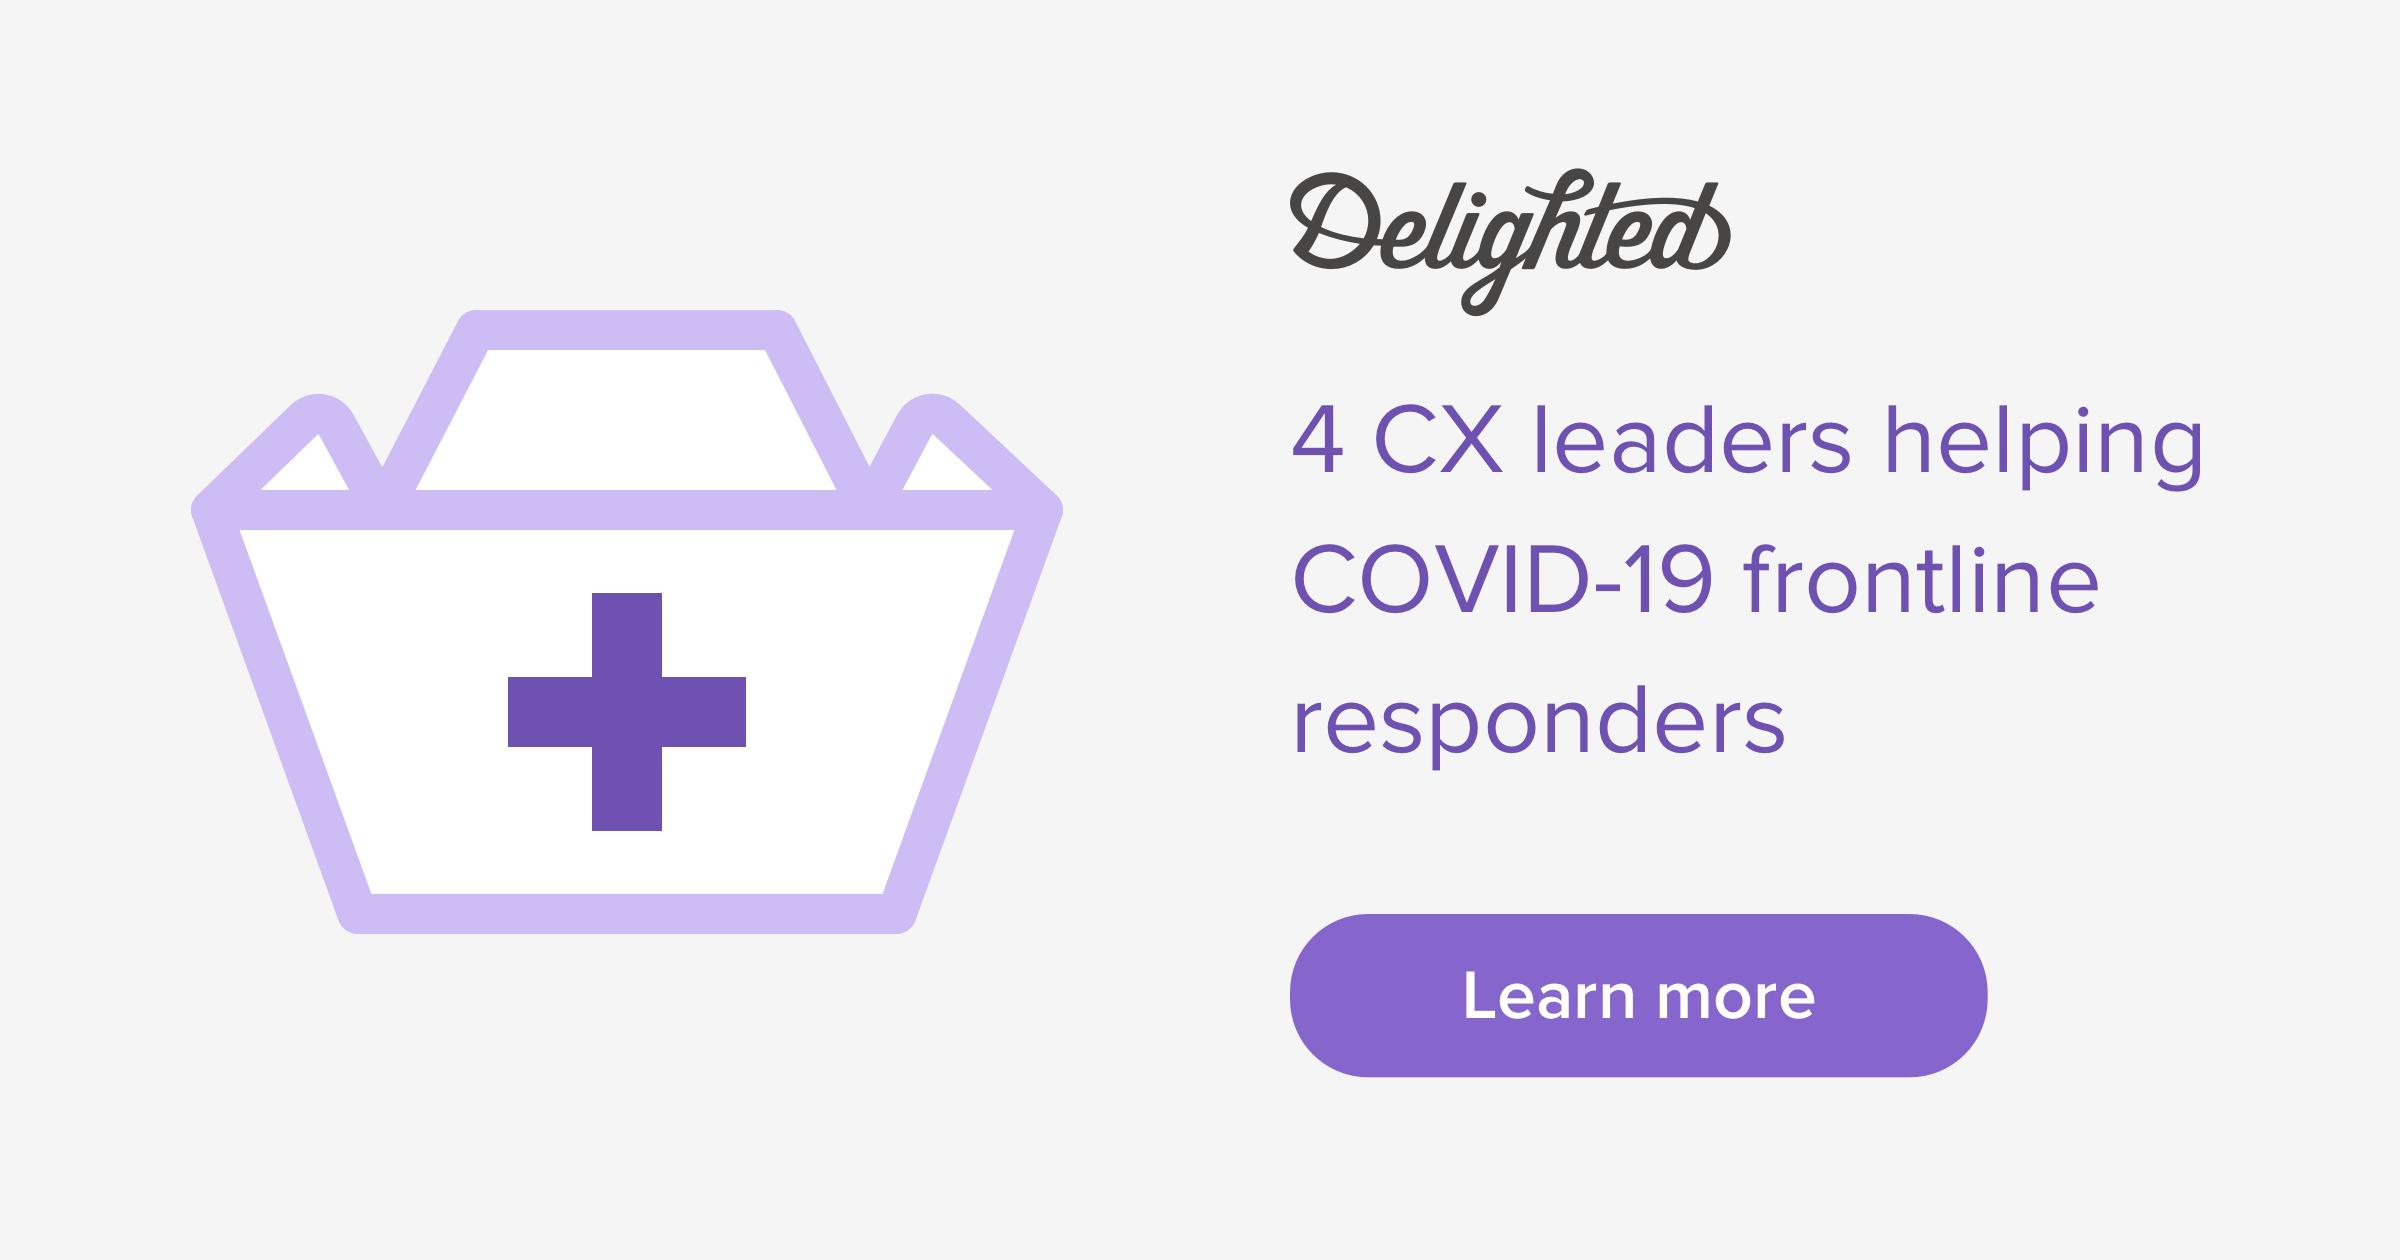 4 CX leaders helping frontline responders